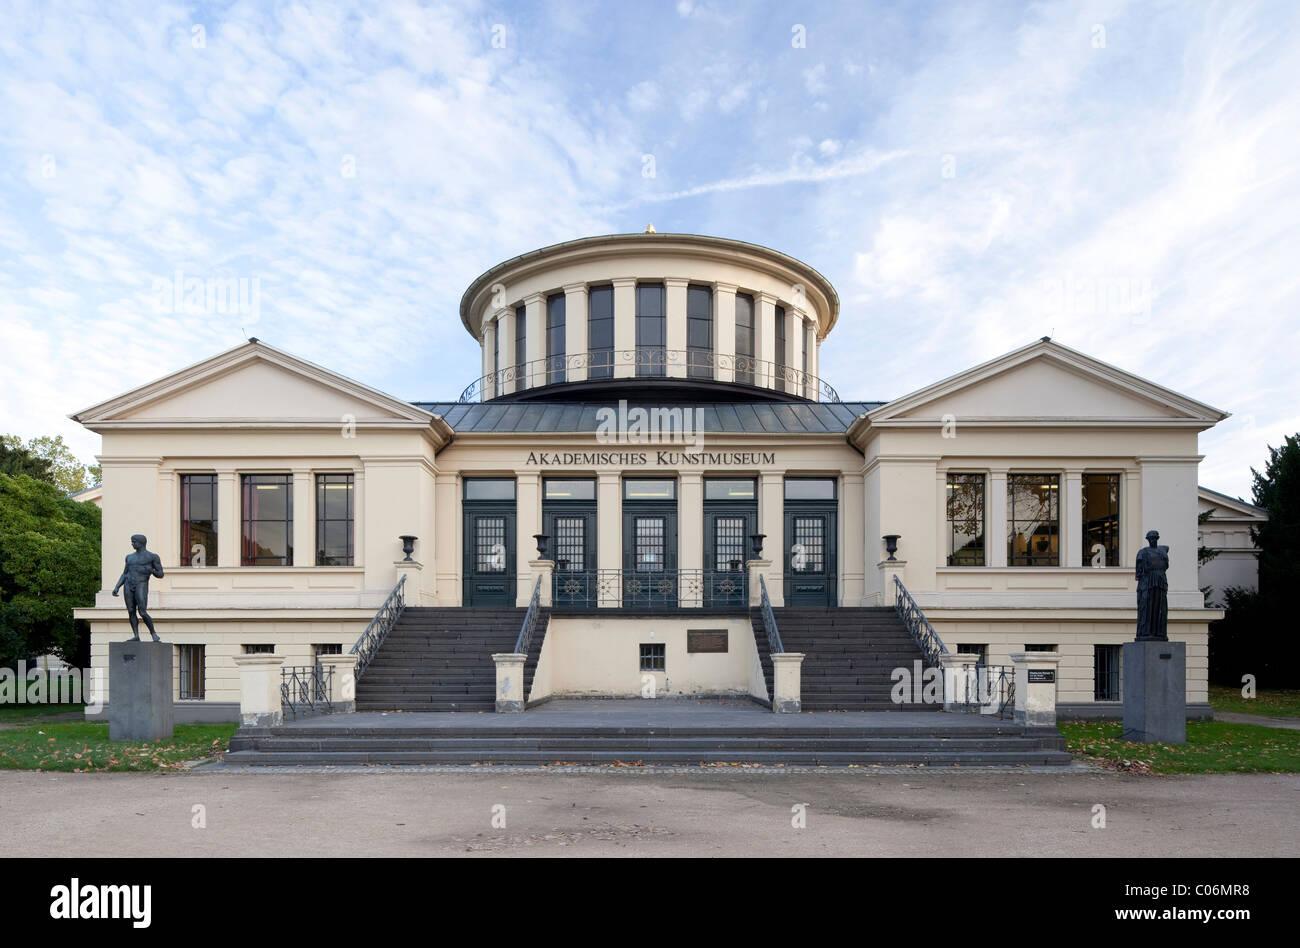 Academic Art Museum, Bonn, Rhineland, North Rhine-Westphalia, Germany, Europe - Stock Image